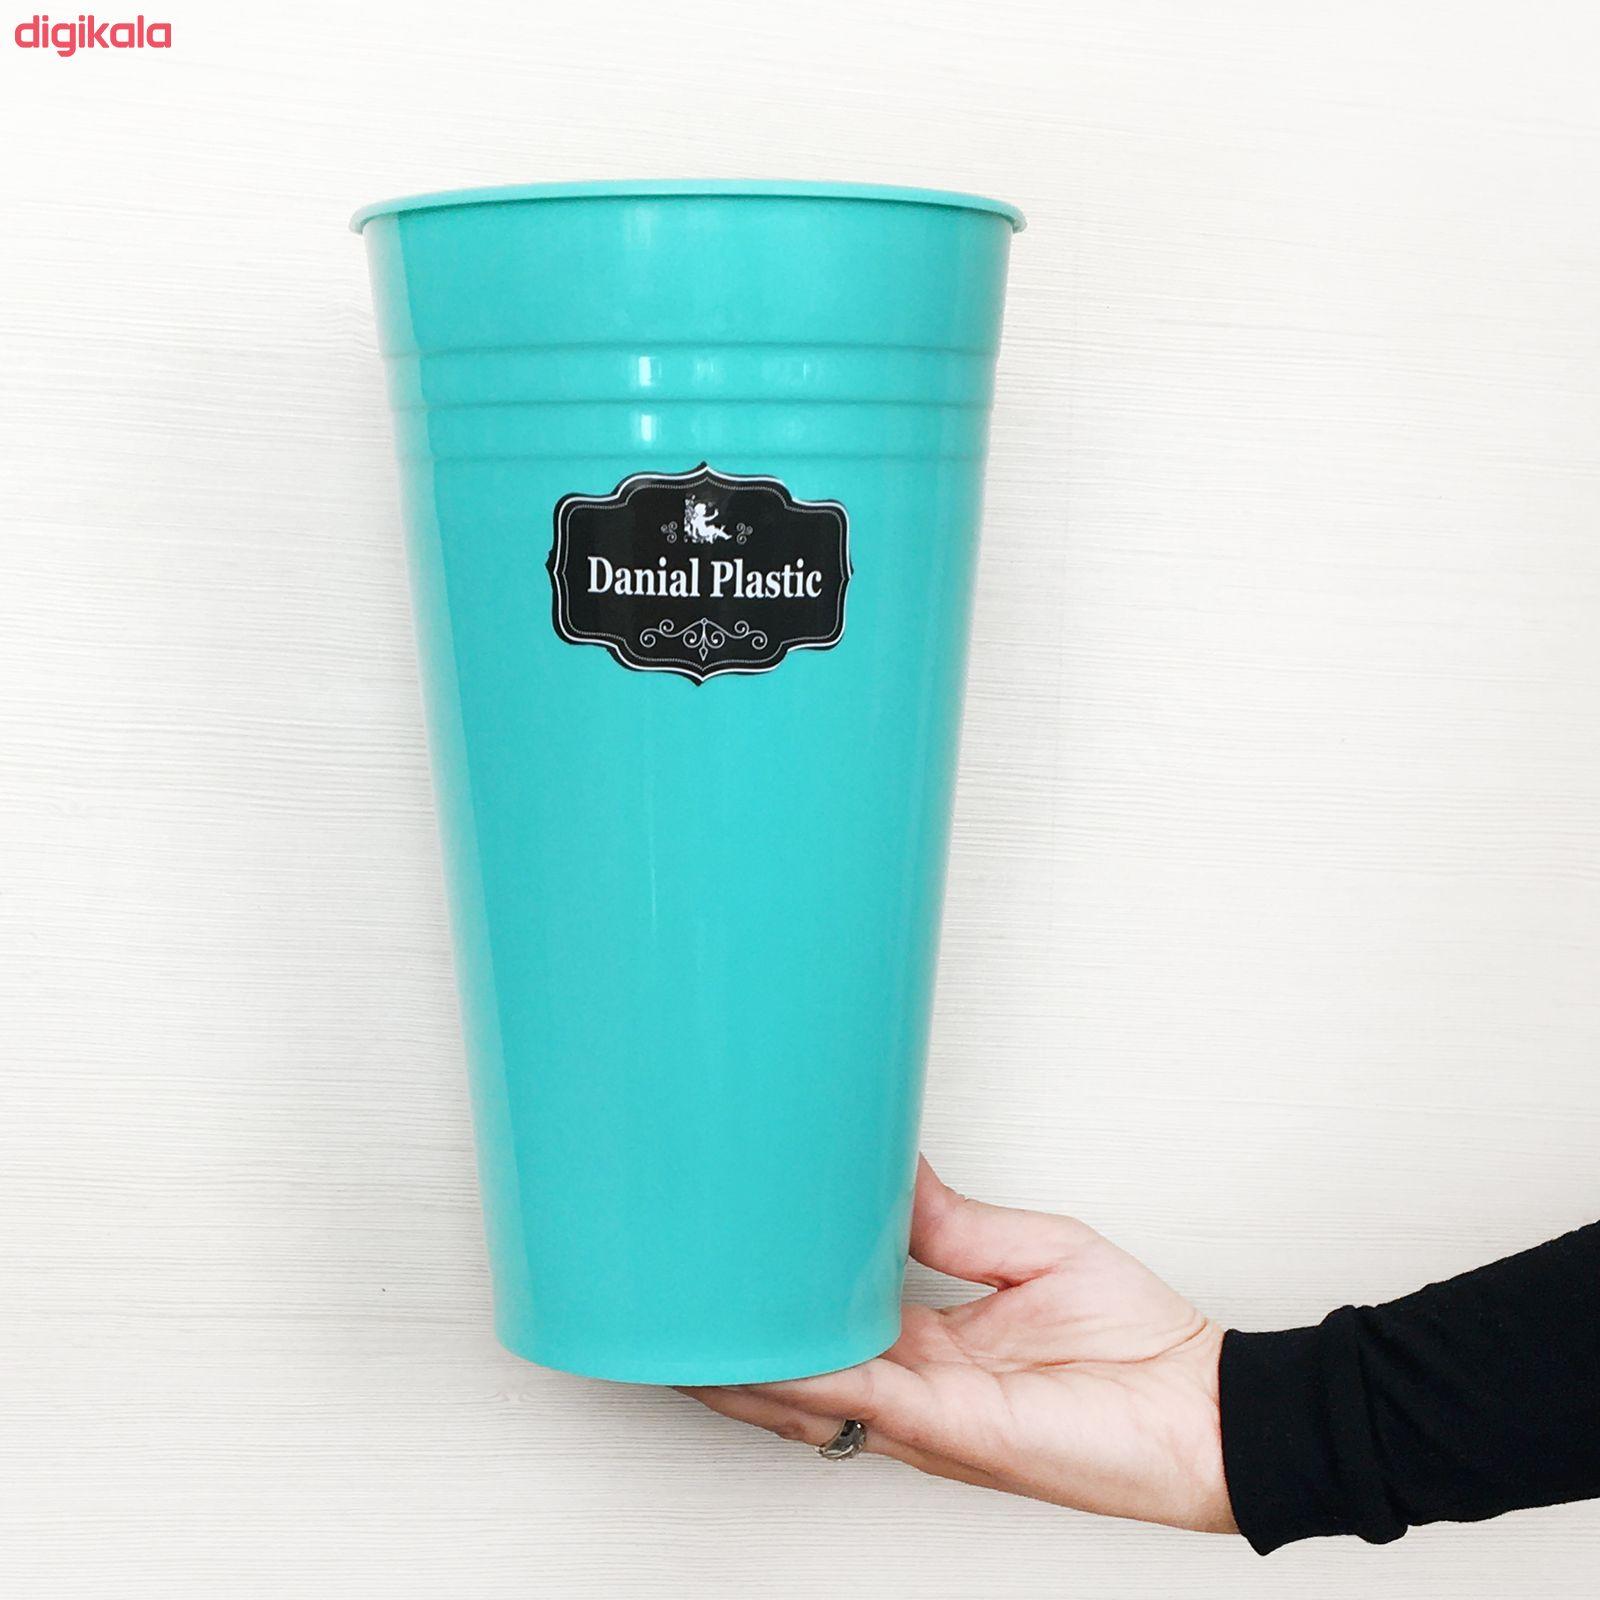 گلدان دانیال پلاستیک مدل 270 main 1 2